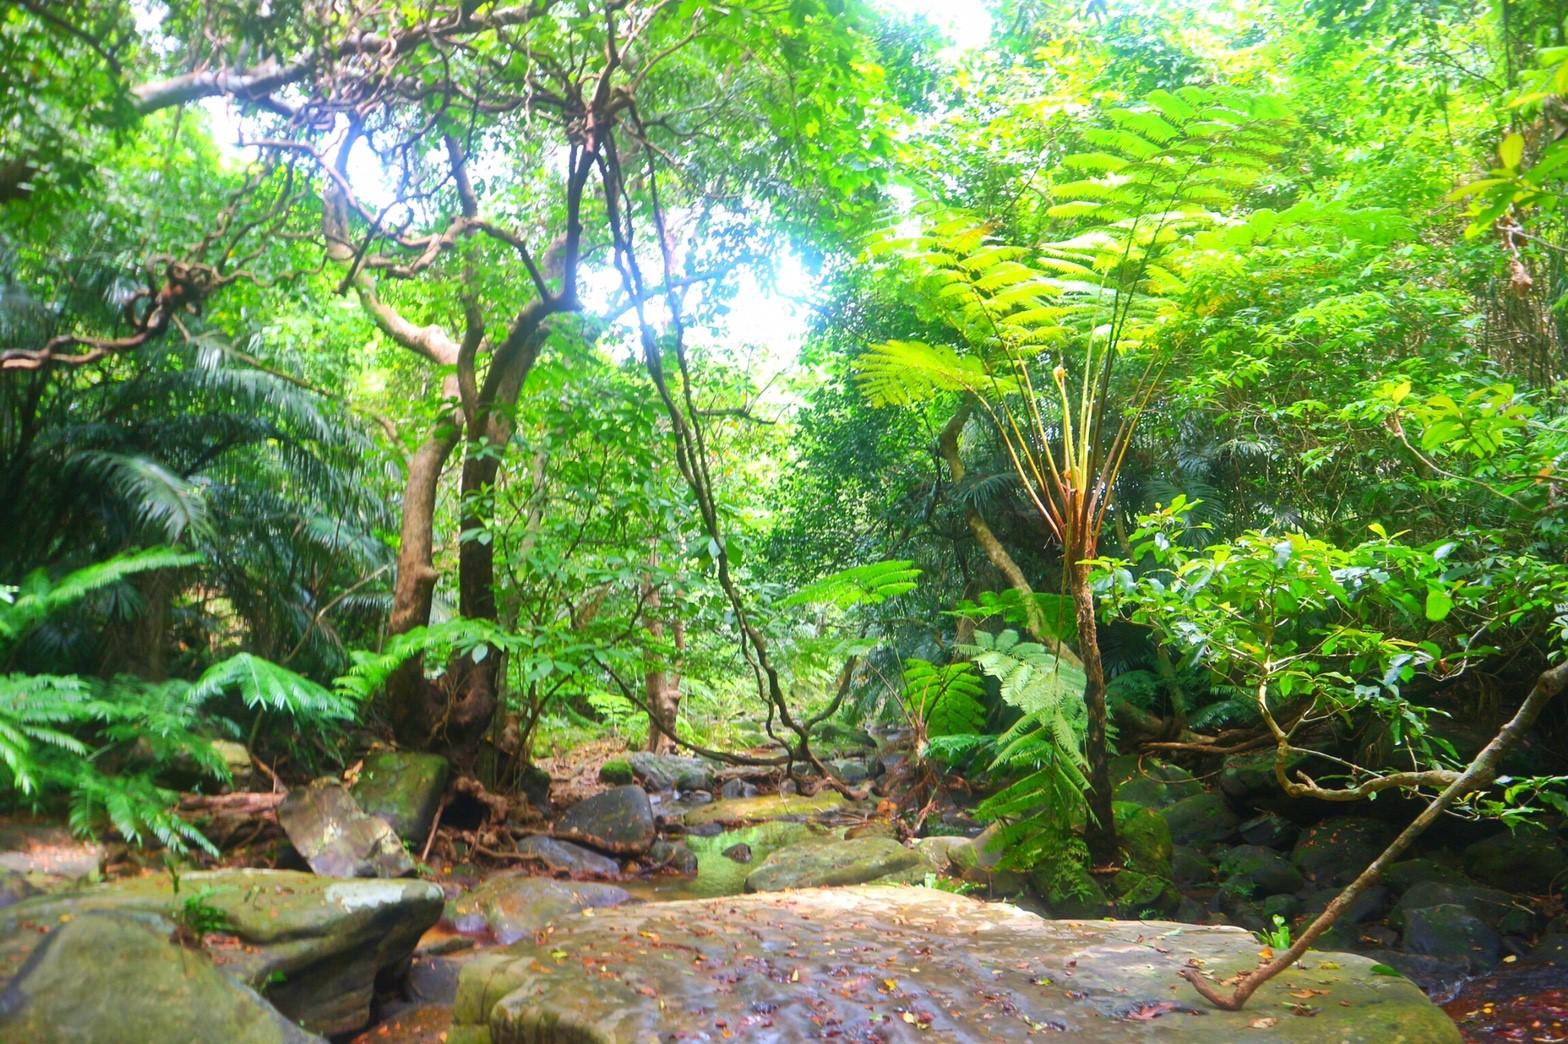 石垣島から日帰りで行くクーラの滝トレッキングツアー